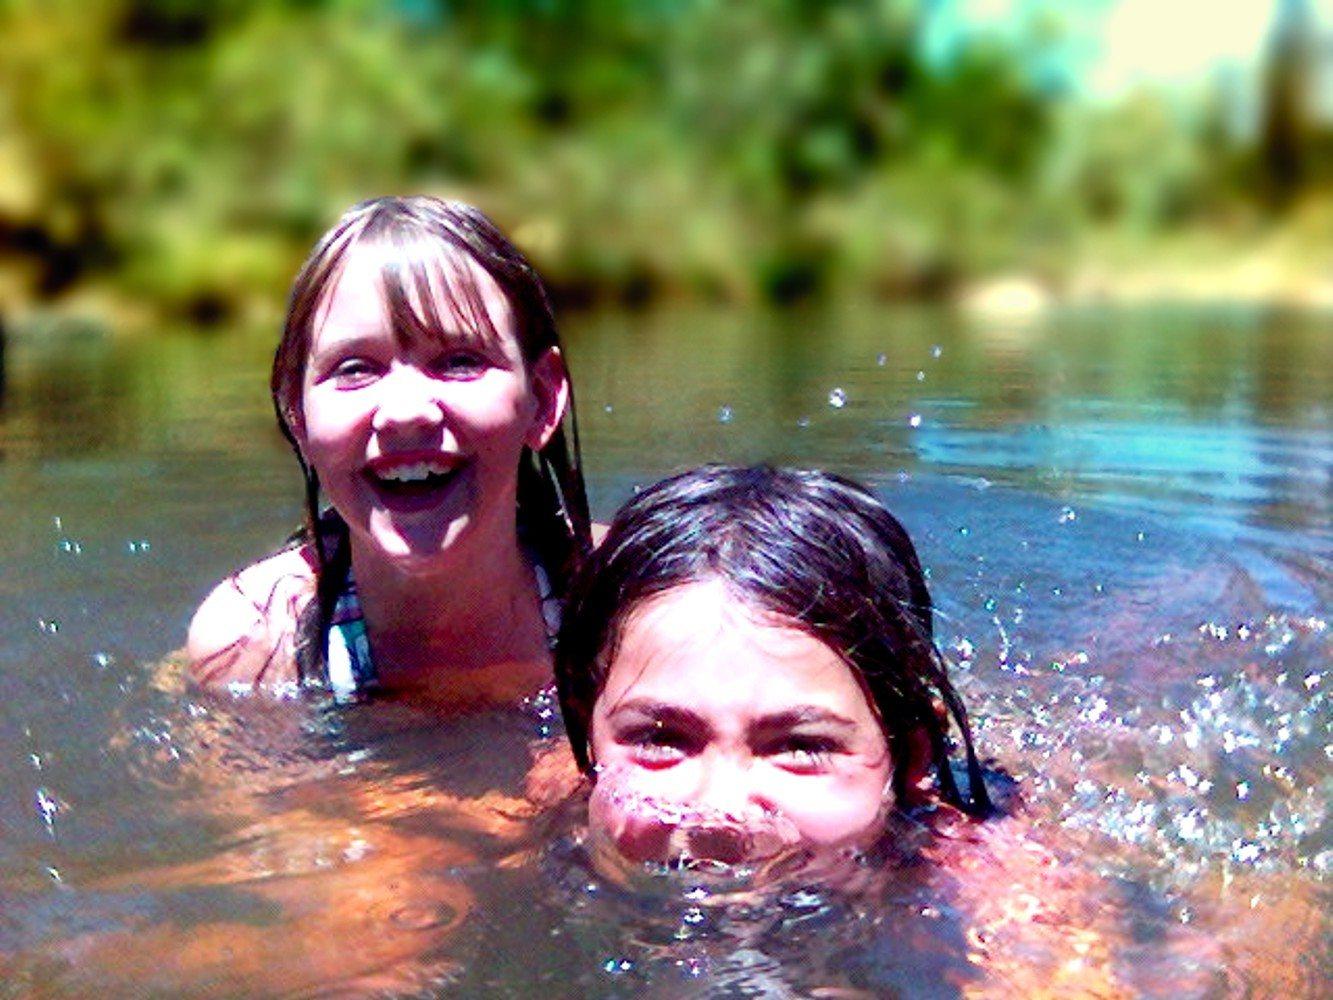 kids in water